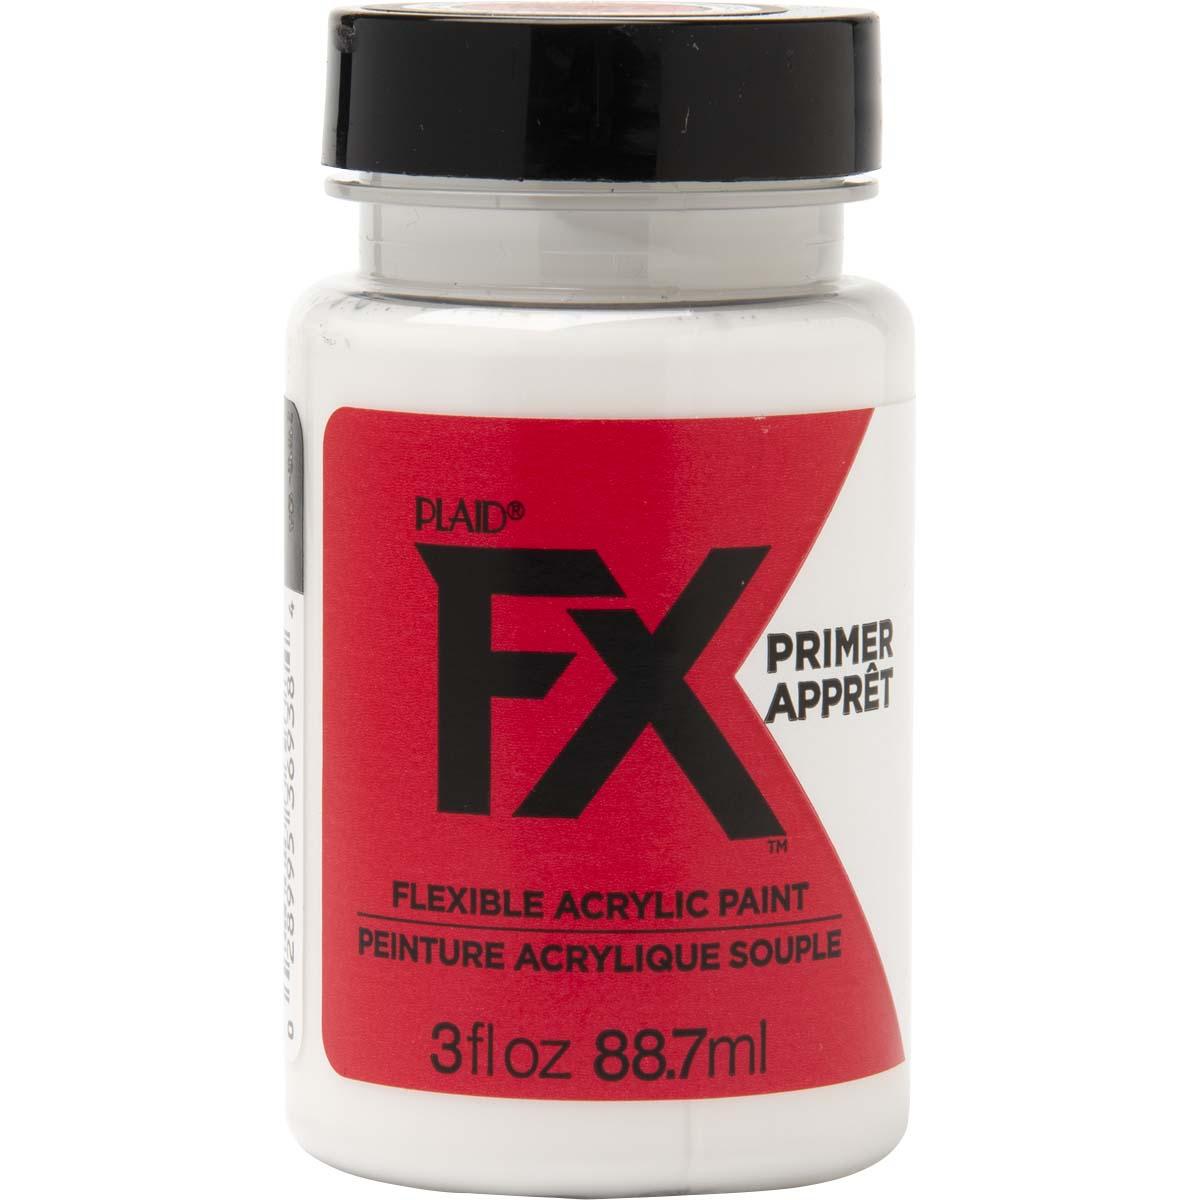 PlaidFX Paint Primer - Clear, 3 oz. - 36938